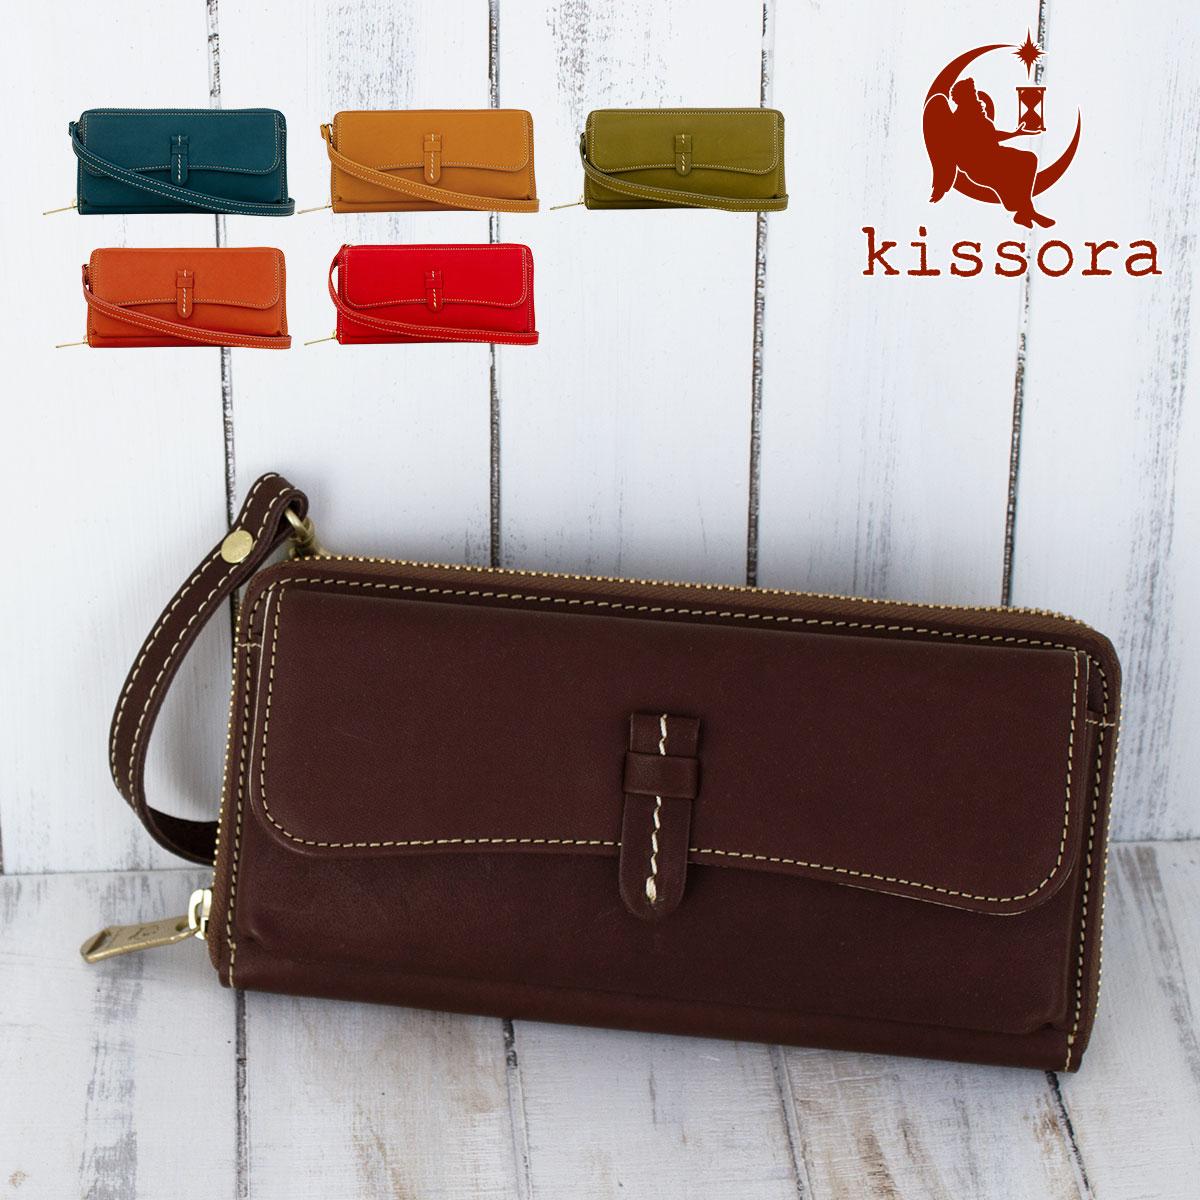 ウォレットショルダー 本革 kissora キソラ KIOB-021 アマーレ ショルダーバッグ 長財布 財布 ポシェット レザー 日本製 レディース